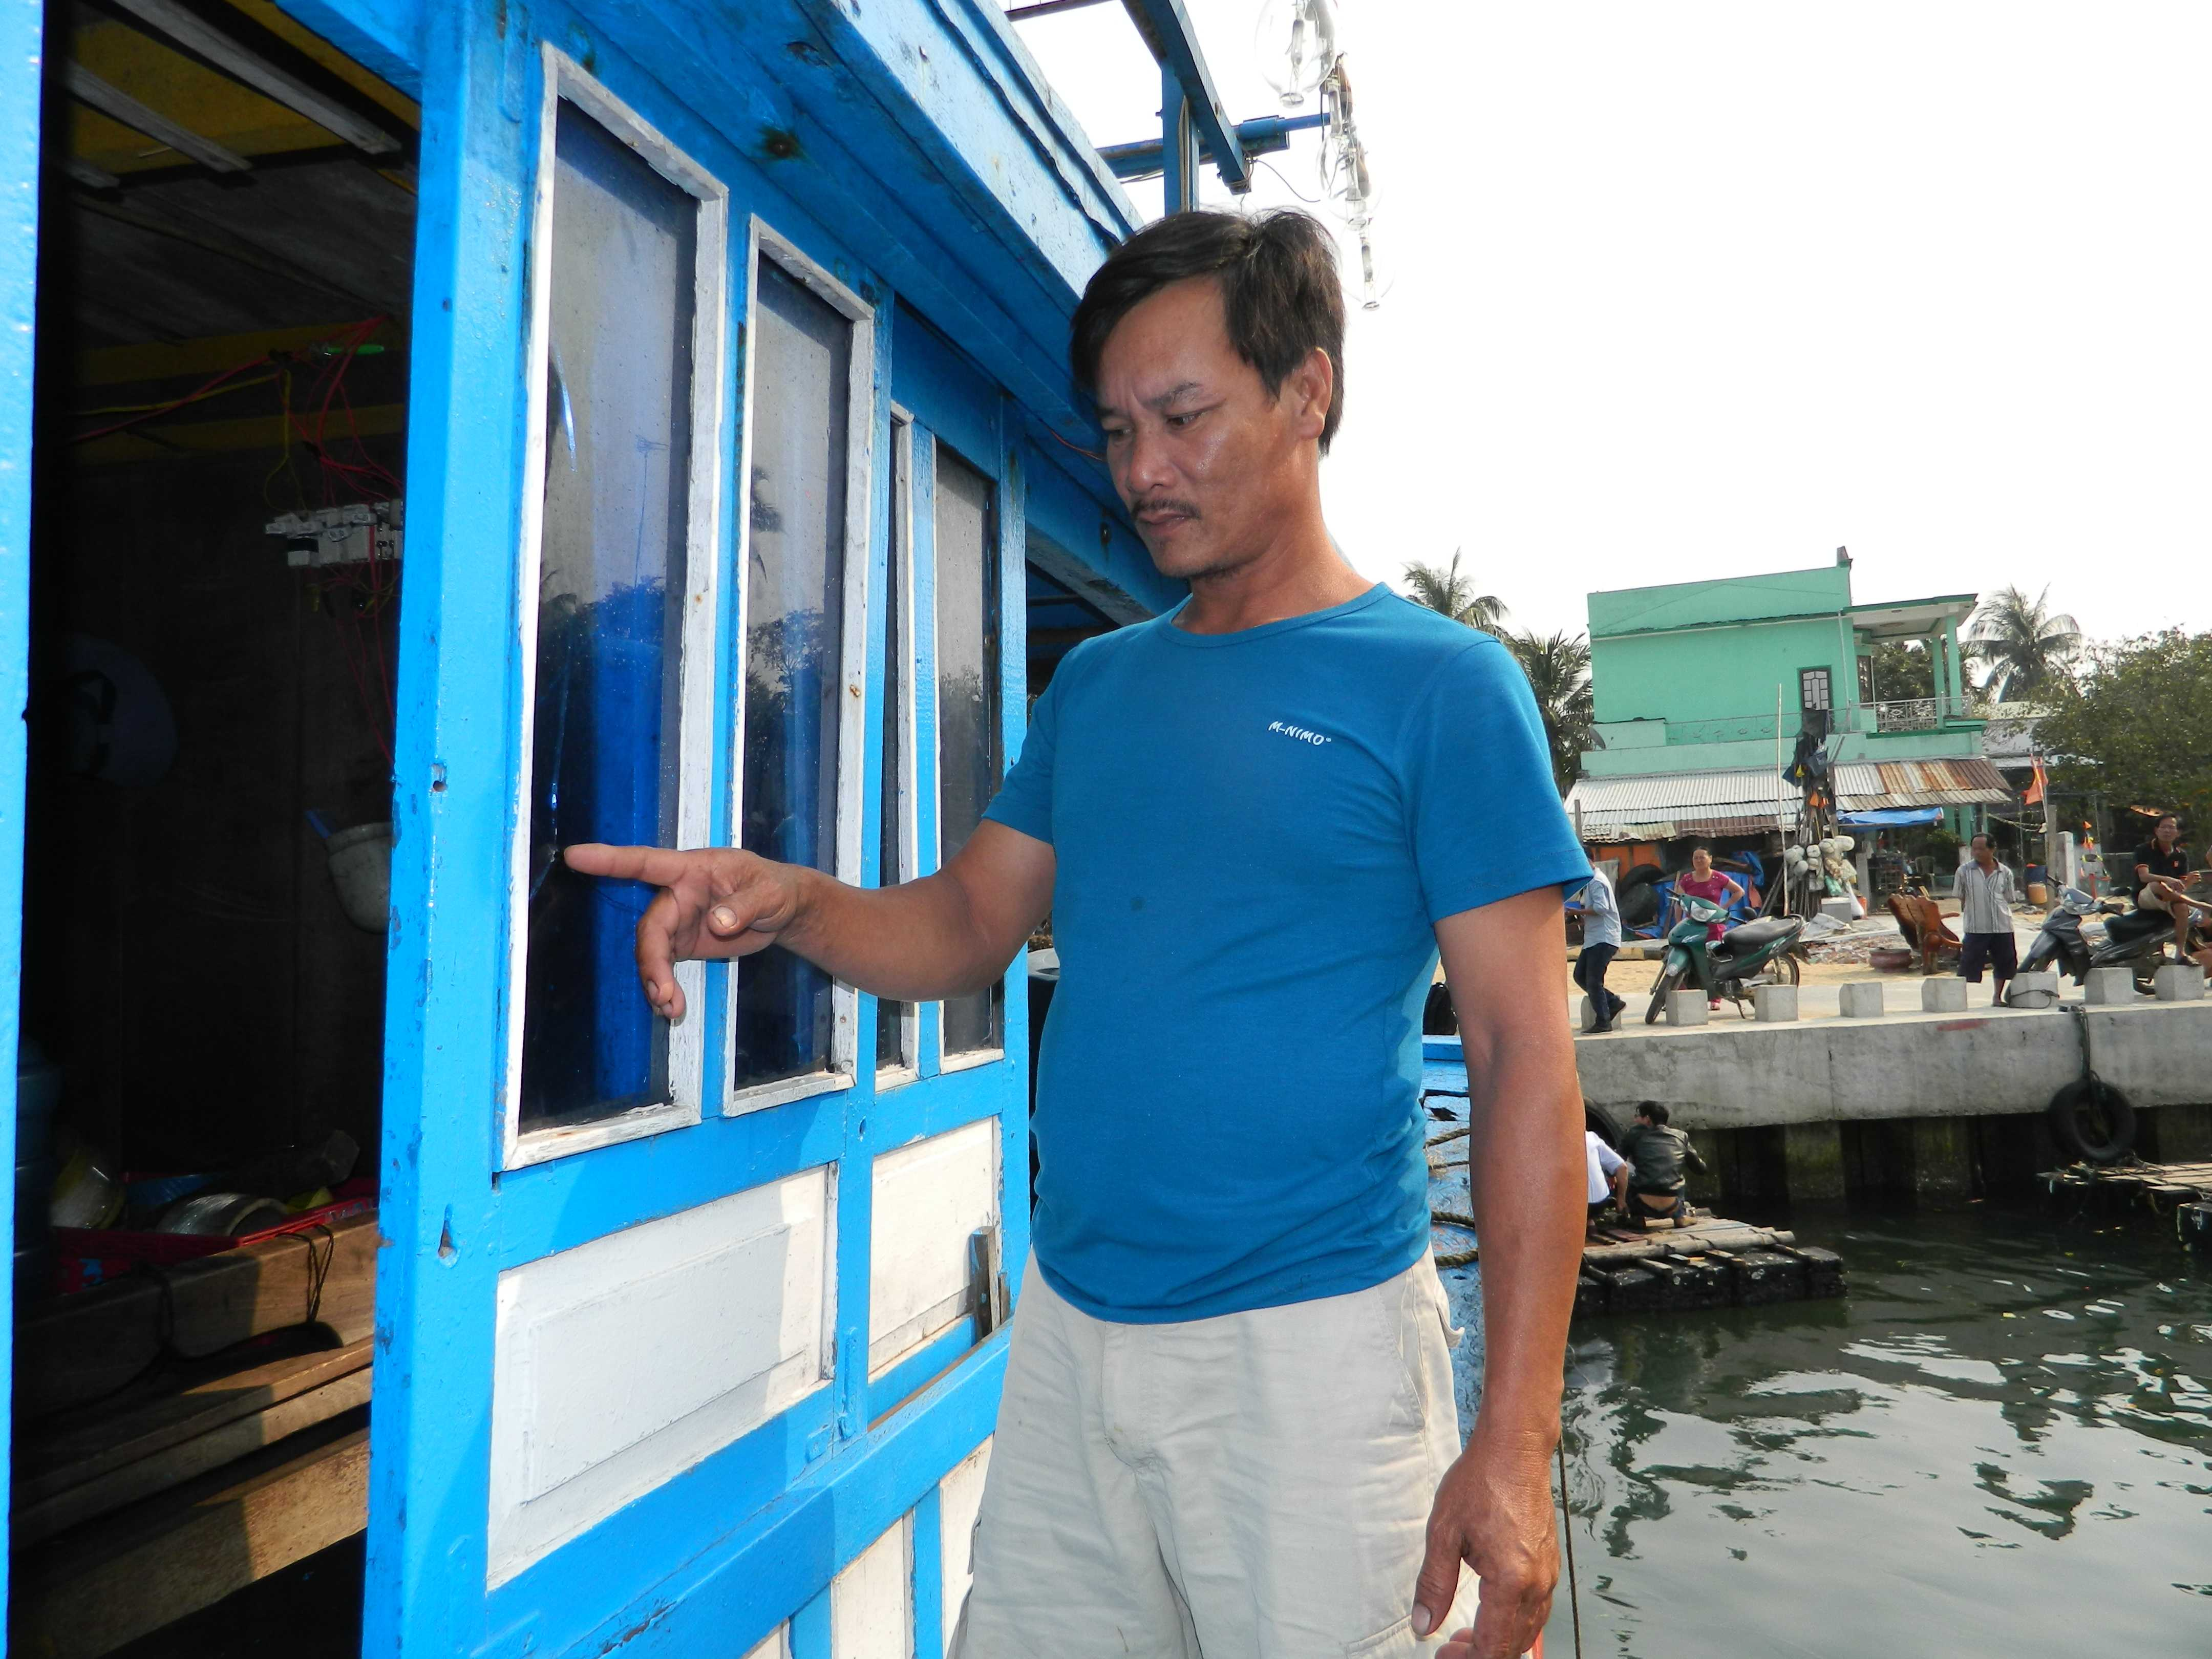 Anh Võ Lực, thuyền phó tàu cá QNa 91865 TS mong muốn lực lượng chức năng tiếp sức cho ngư dân được an tâm bám biển.